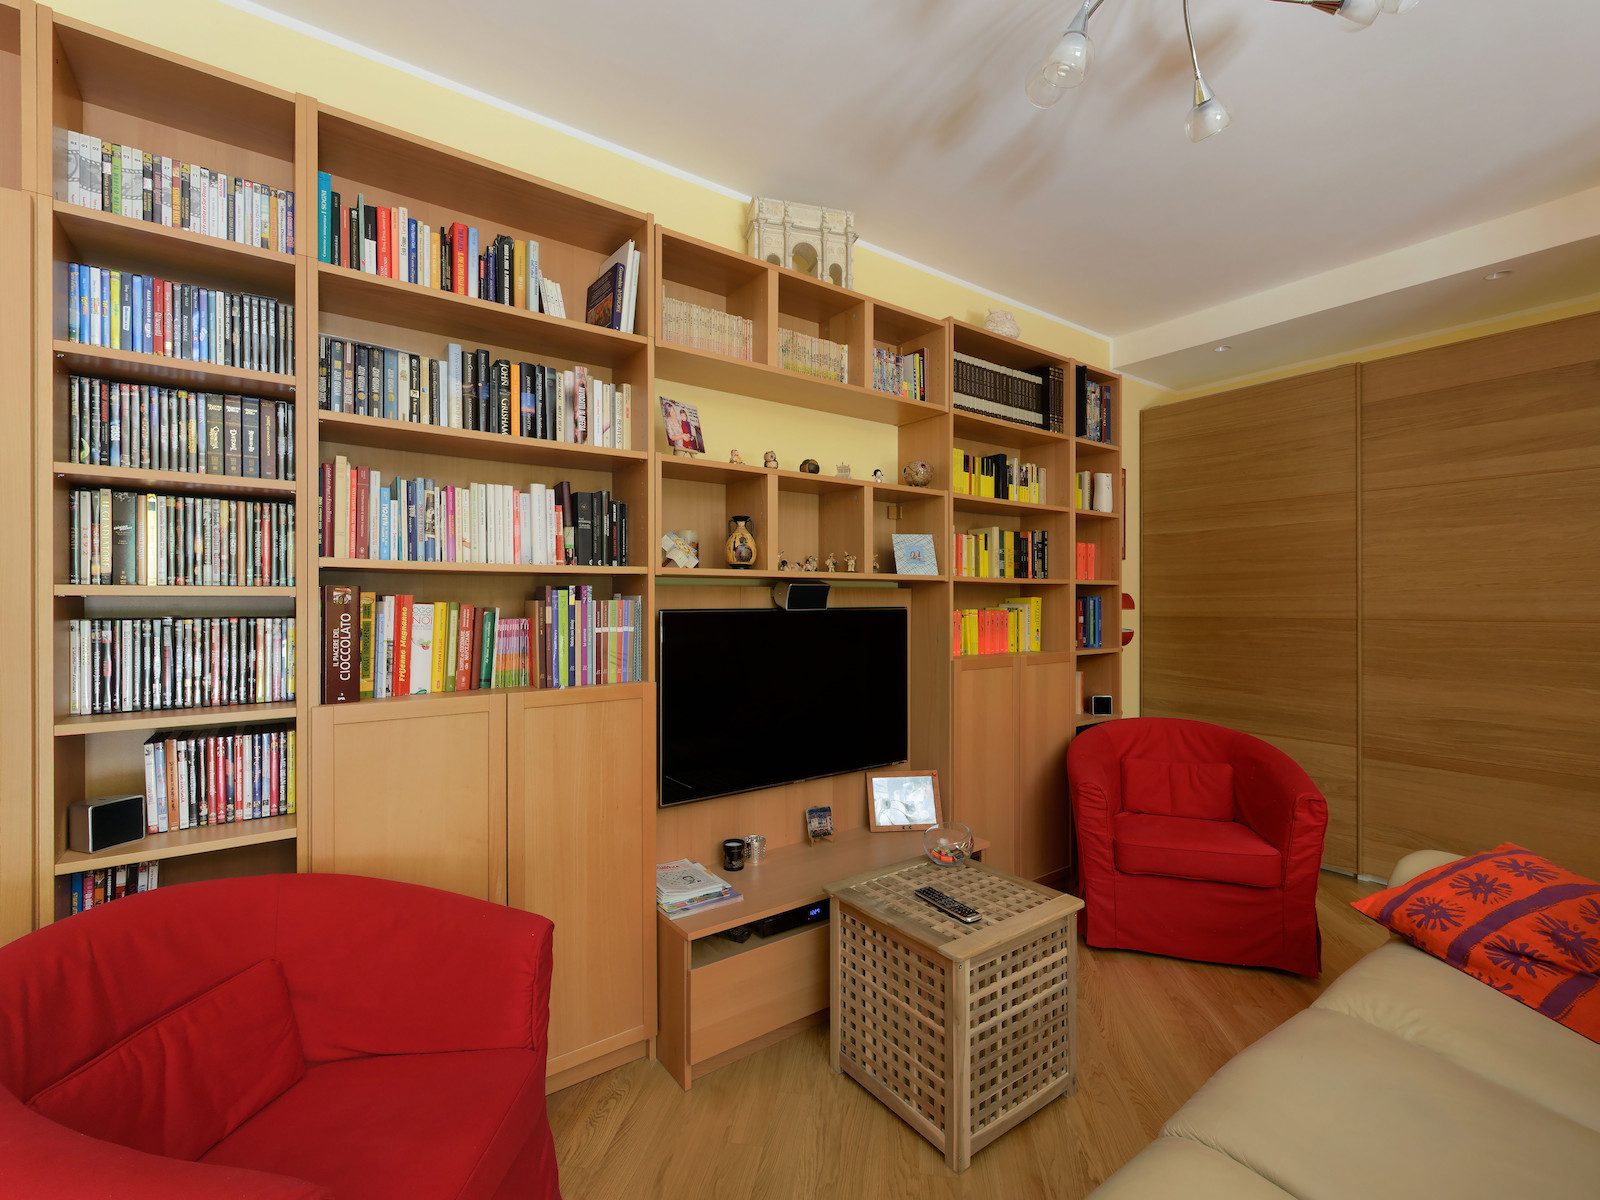 Appartamento in affitto a Folignano, 9 locali, zona Località: VillaPigna, prezzo € 170.000 | CambioCasa.it